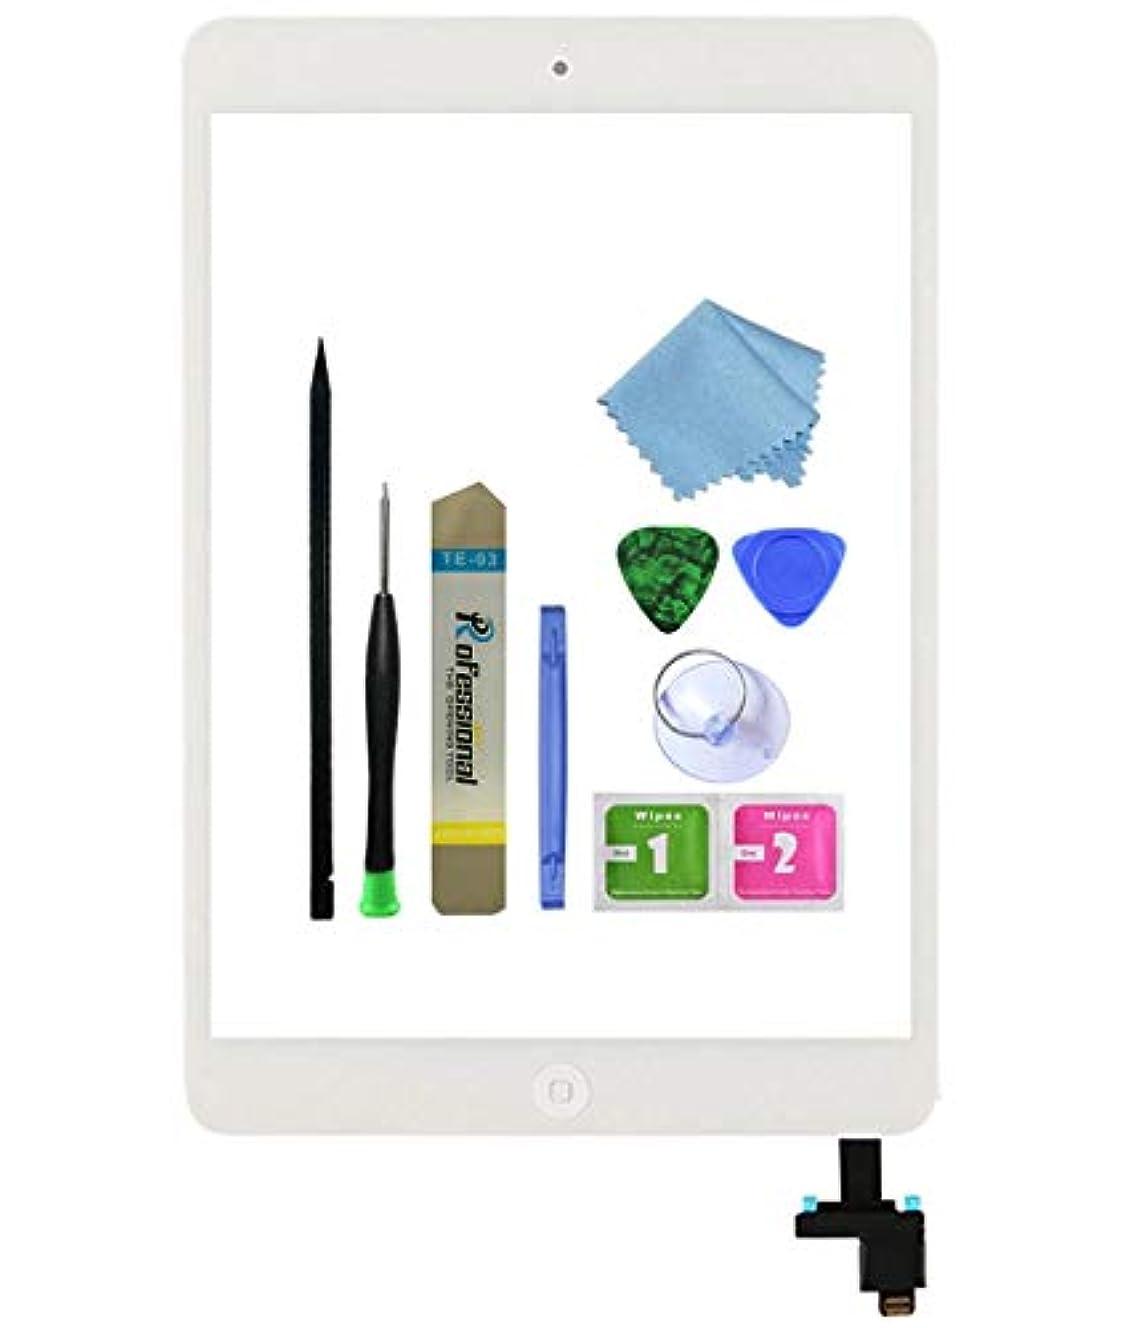 厚さ可能性ソーシャルZentop 白いiPadミニ1 /ミニ2タッチスクリーンデジタイザー交換7.9インチ網膜ディスプレイICチップ、ホームボタン、カメラホルダー、プレインストールされた接着剤、修理キット